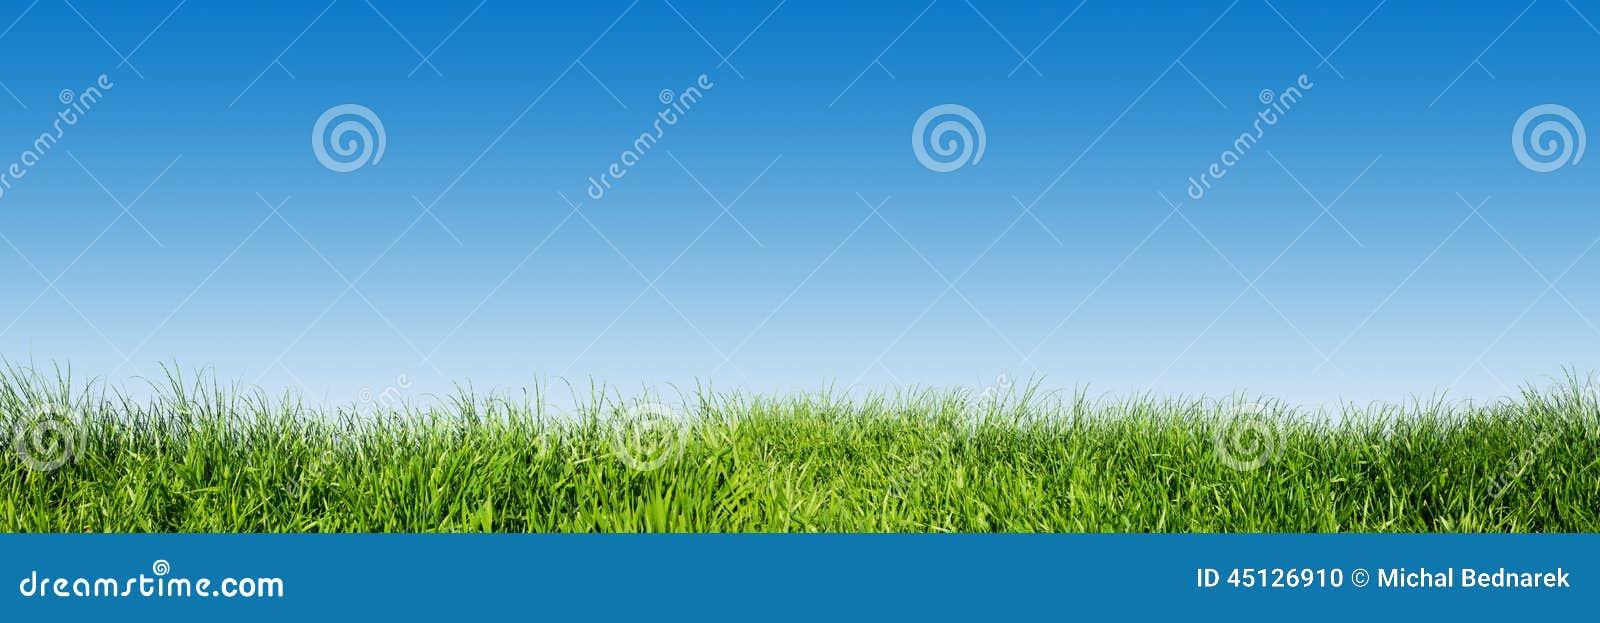 Πράσινη χλόη στον μπλε σαφή ουρανό, πανόραμα φύσης άνοιξη